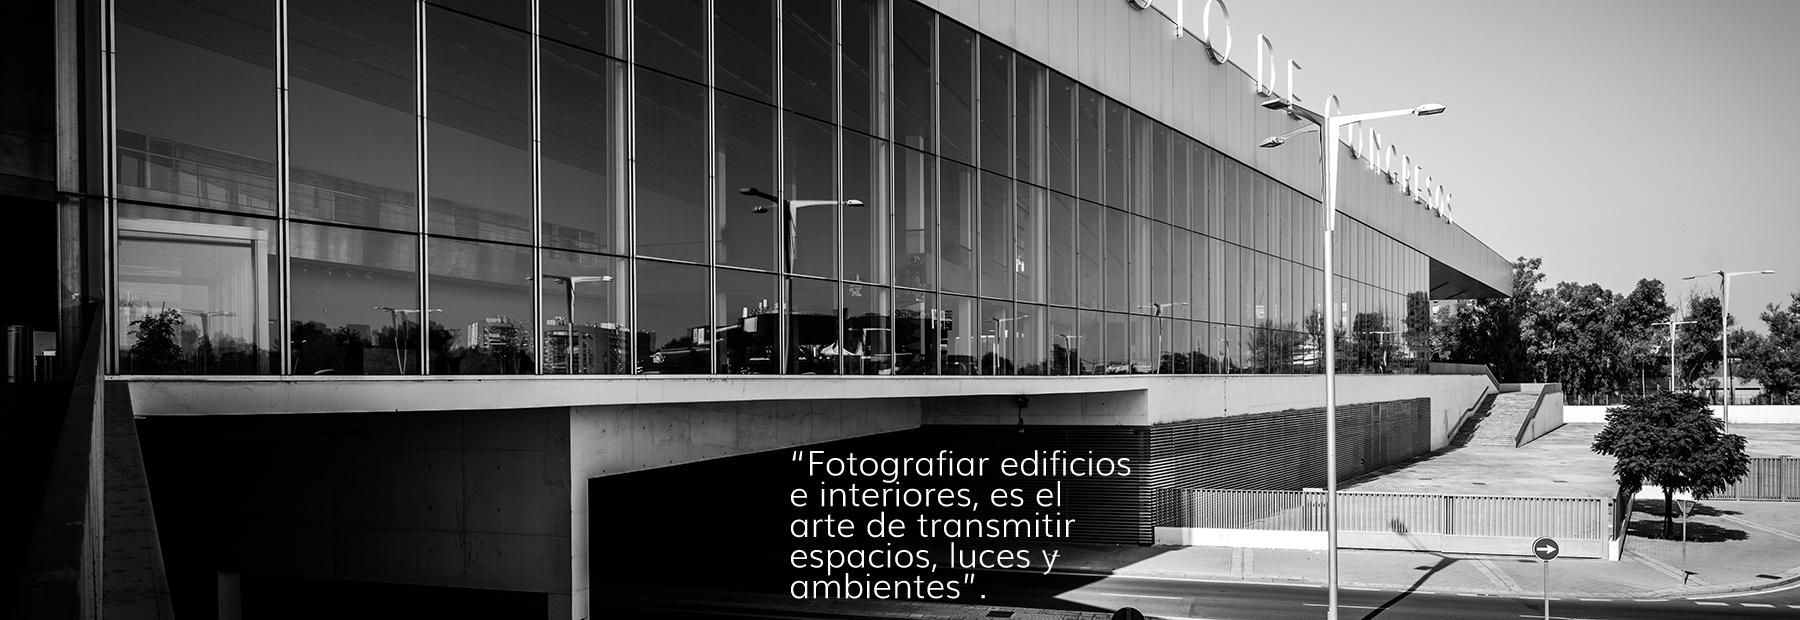 Fotografía  de interiores 1